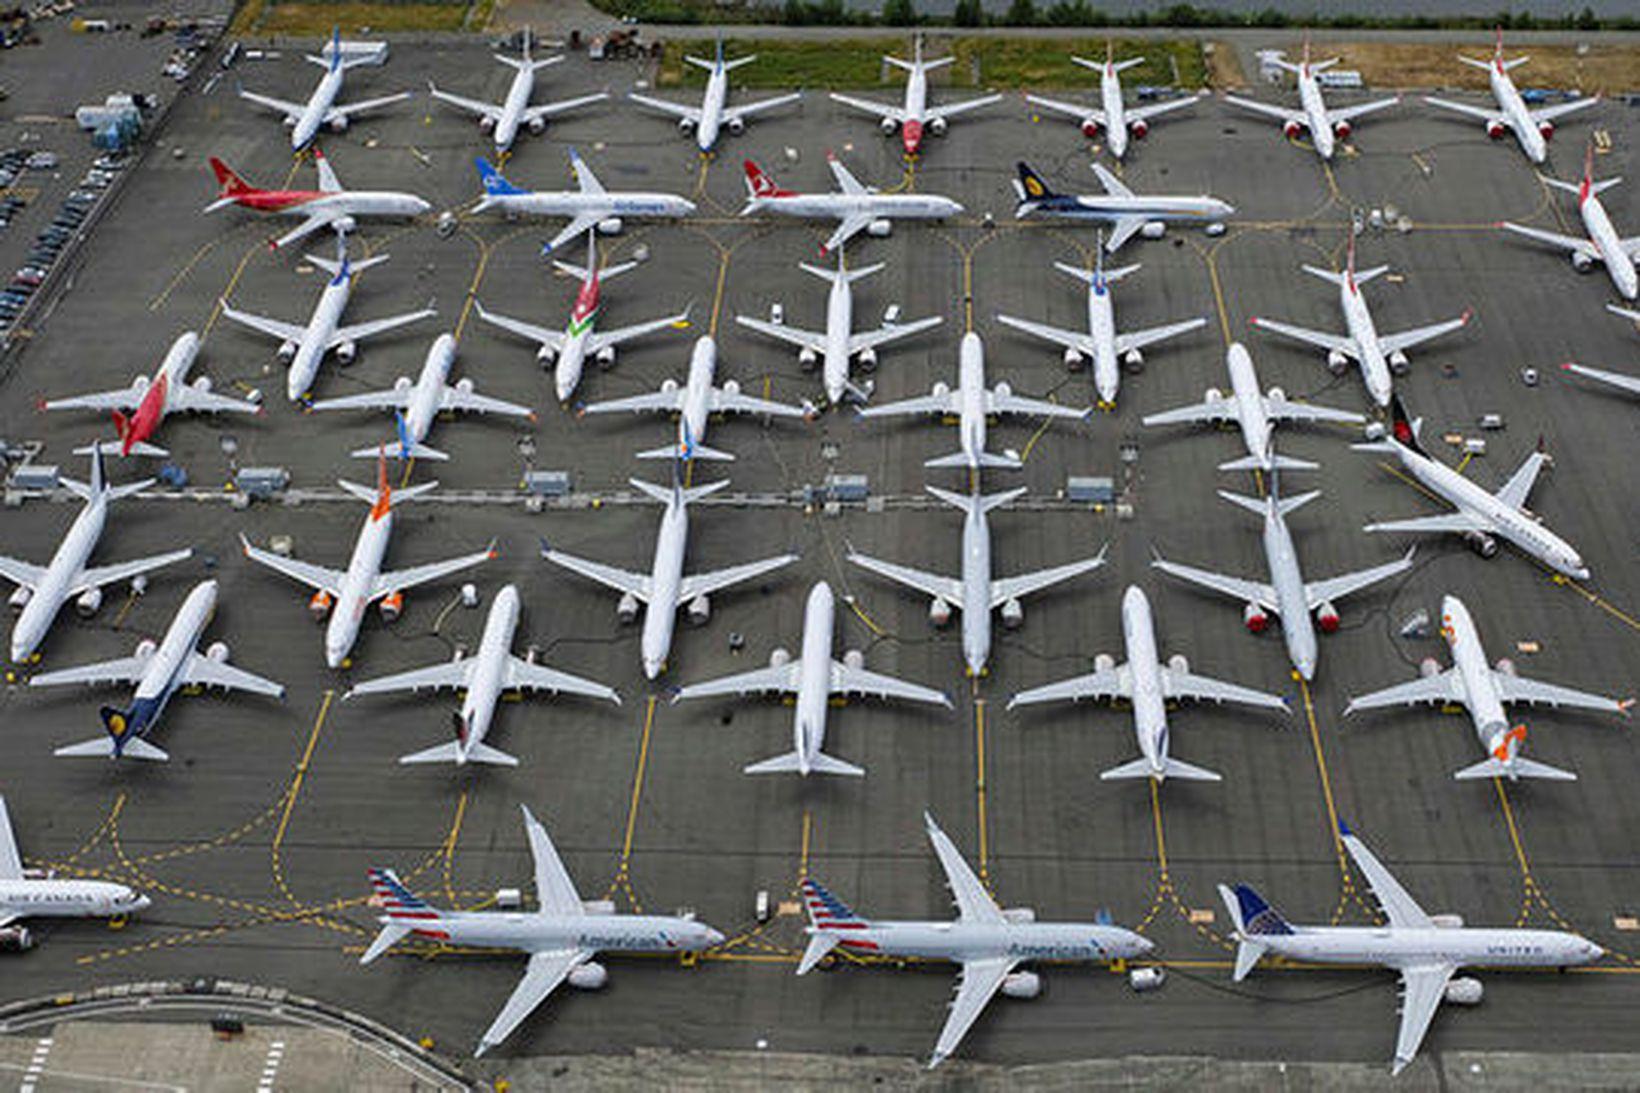 737 MAX-flugvélar hafa verið kyrrsettar úti um allan heim síðan …